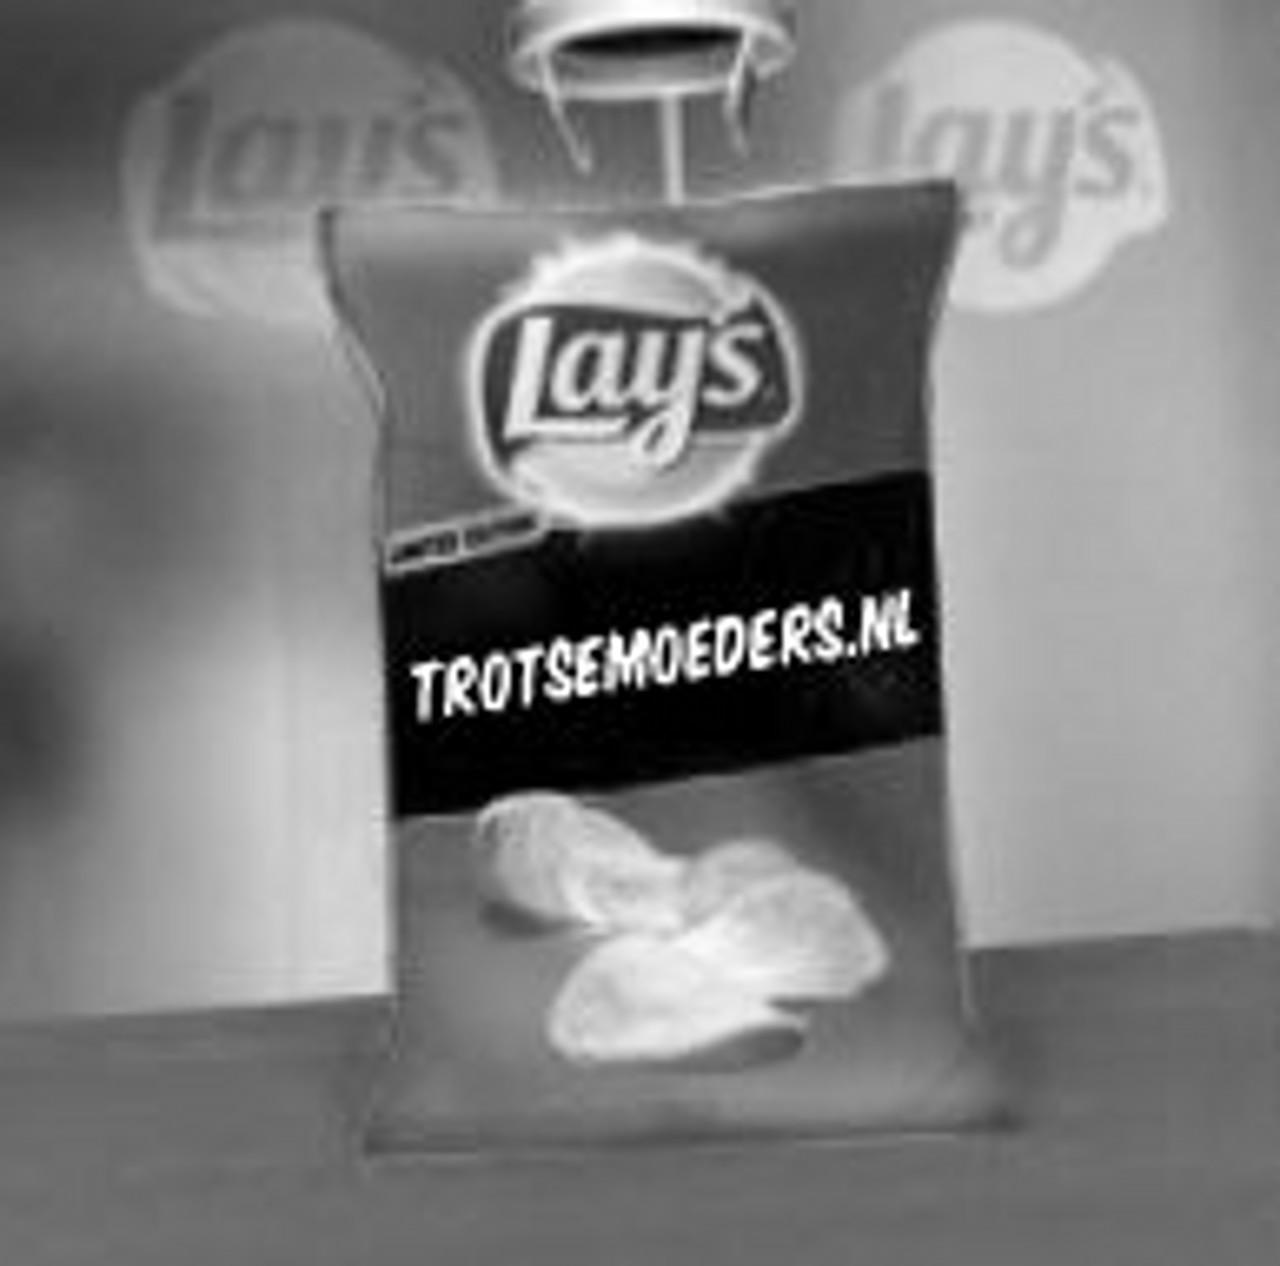 bedenk je eigen smaak chips